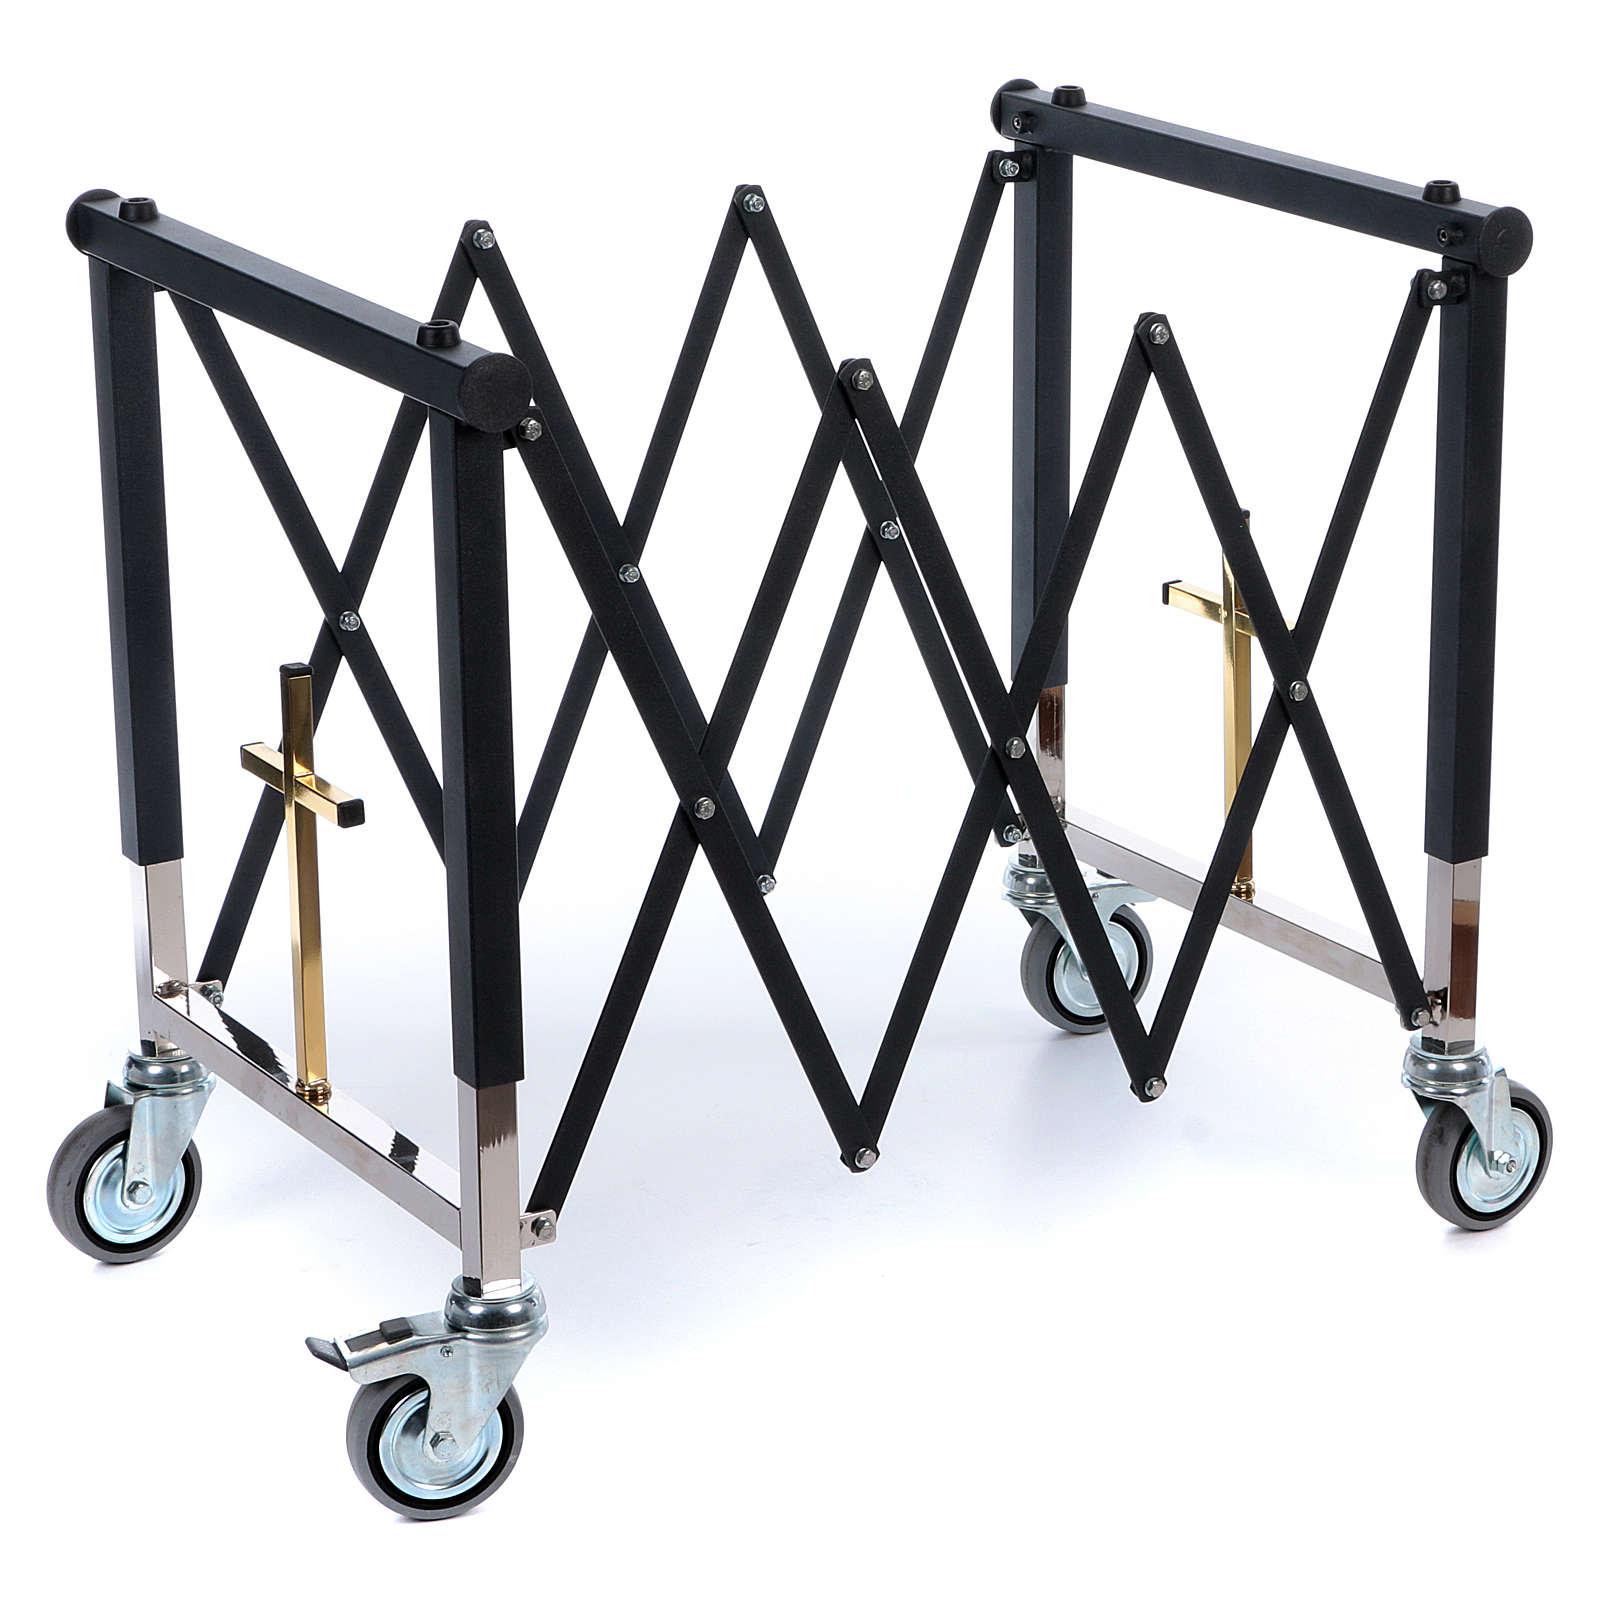 Katafalk Pogrzebowy Składany Wózek Nożycowy Transportowy Sprzedaż Online Na Holyart